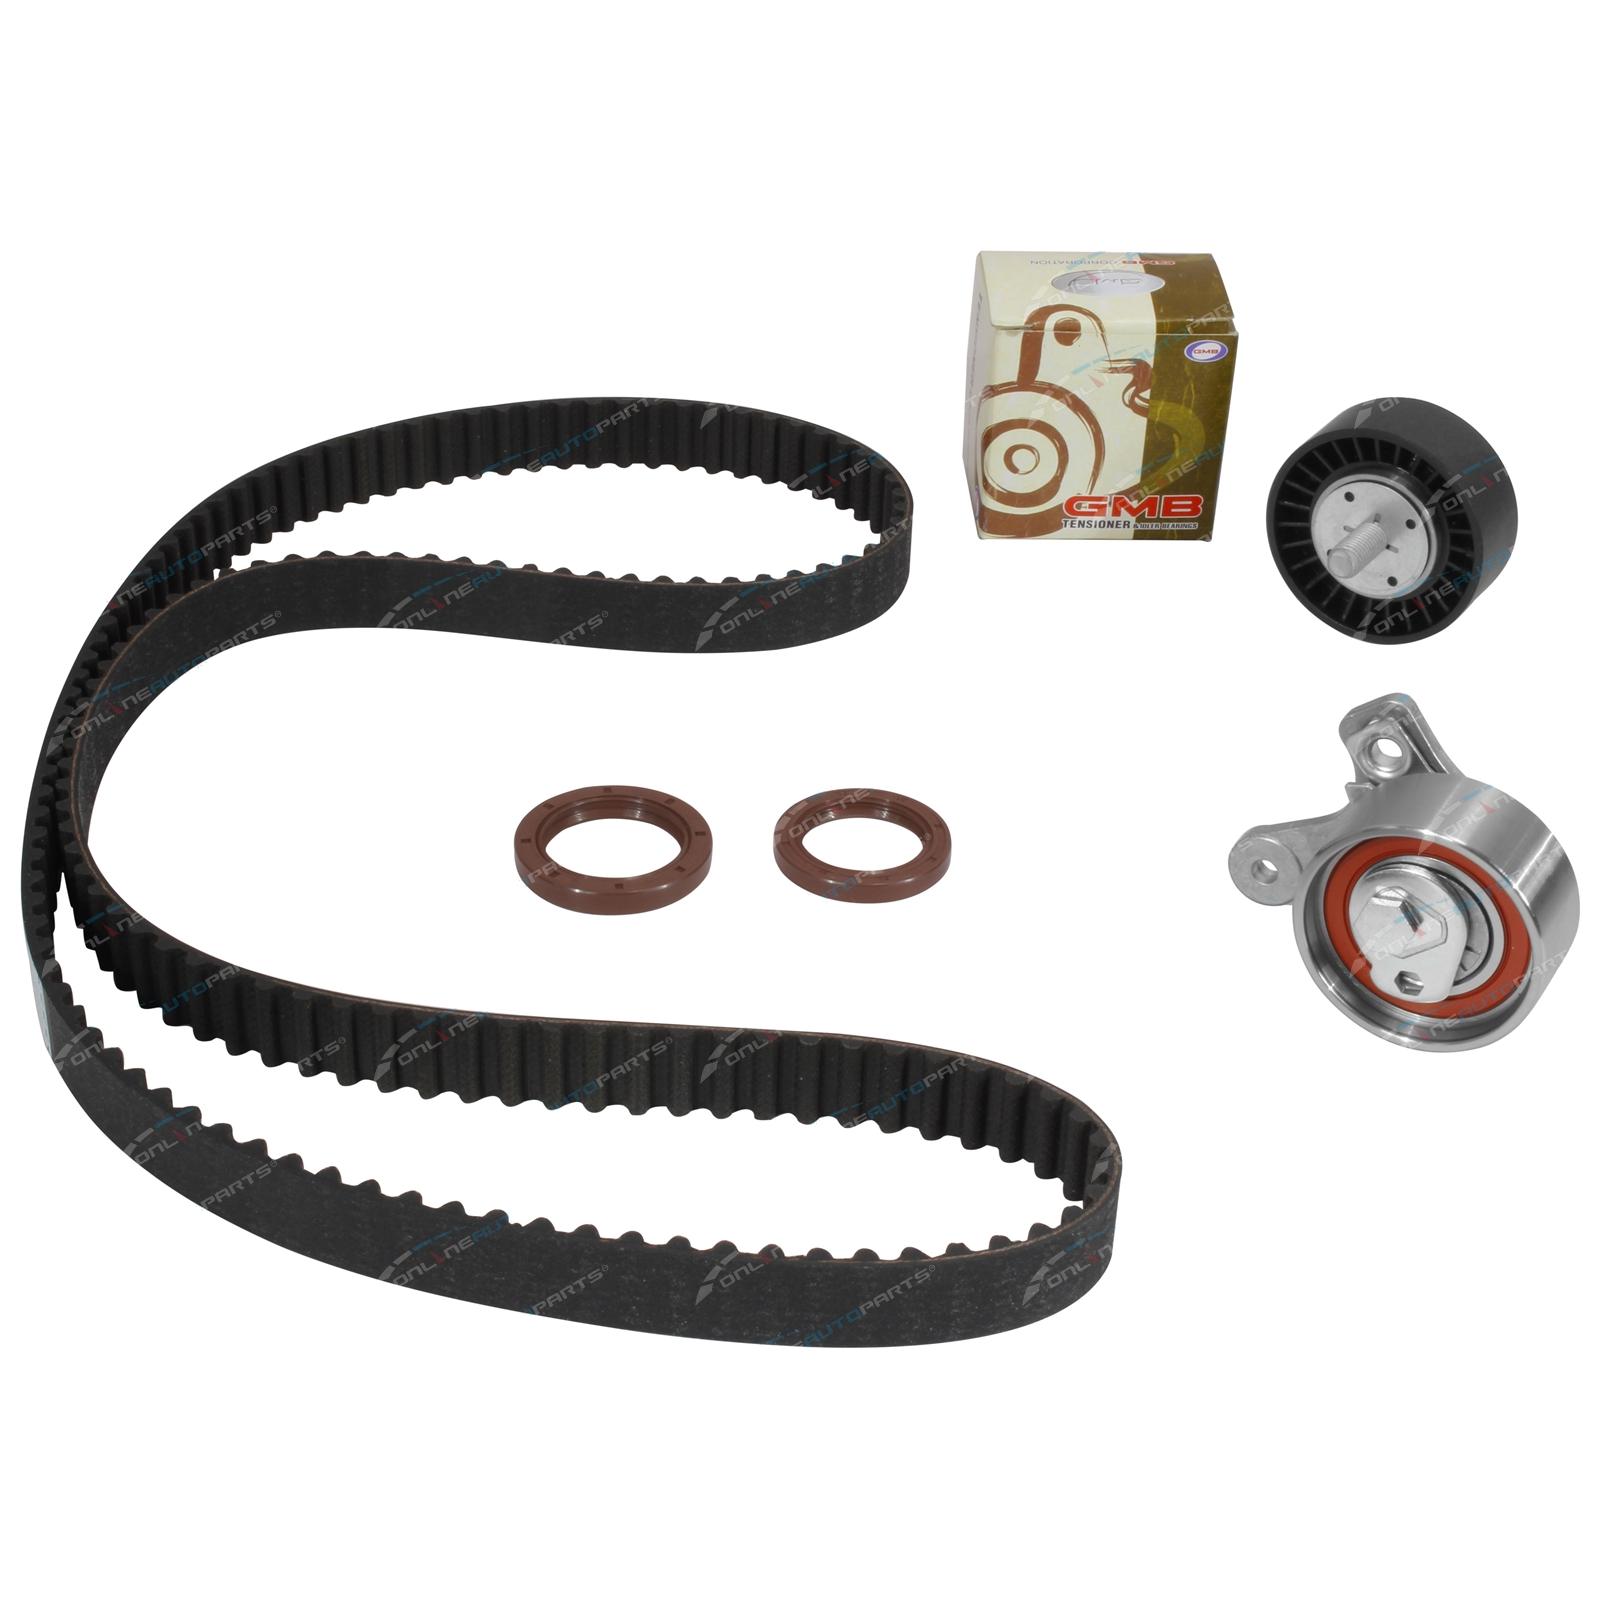 Timing Belt + Tensioner Kit Captiva CG Diesel 2.0L 2007-2011 4cyl Z20S1 1991cc Engine Holden